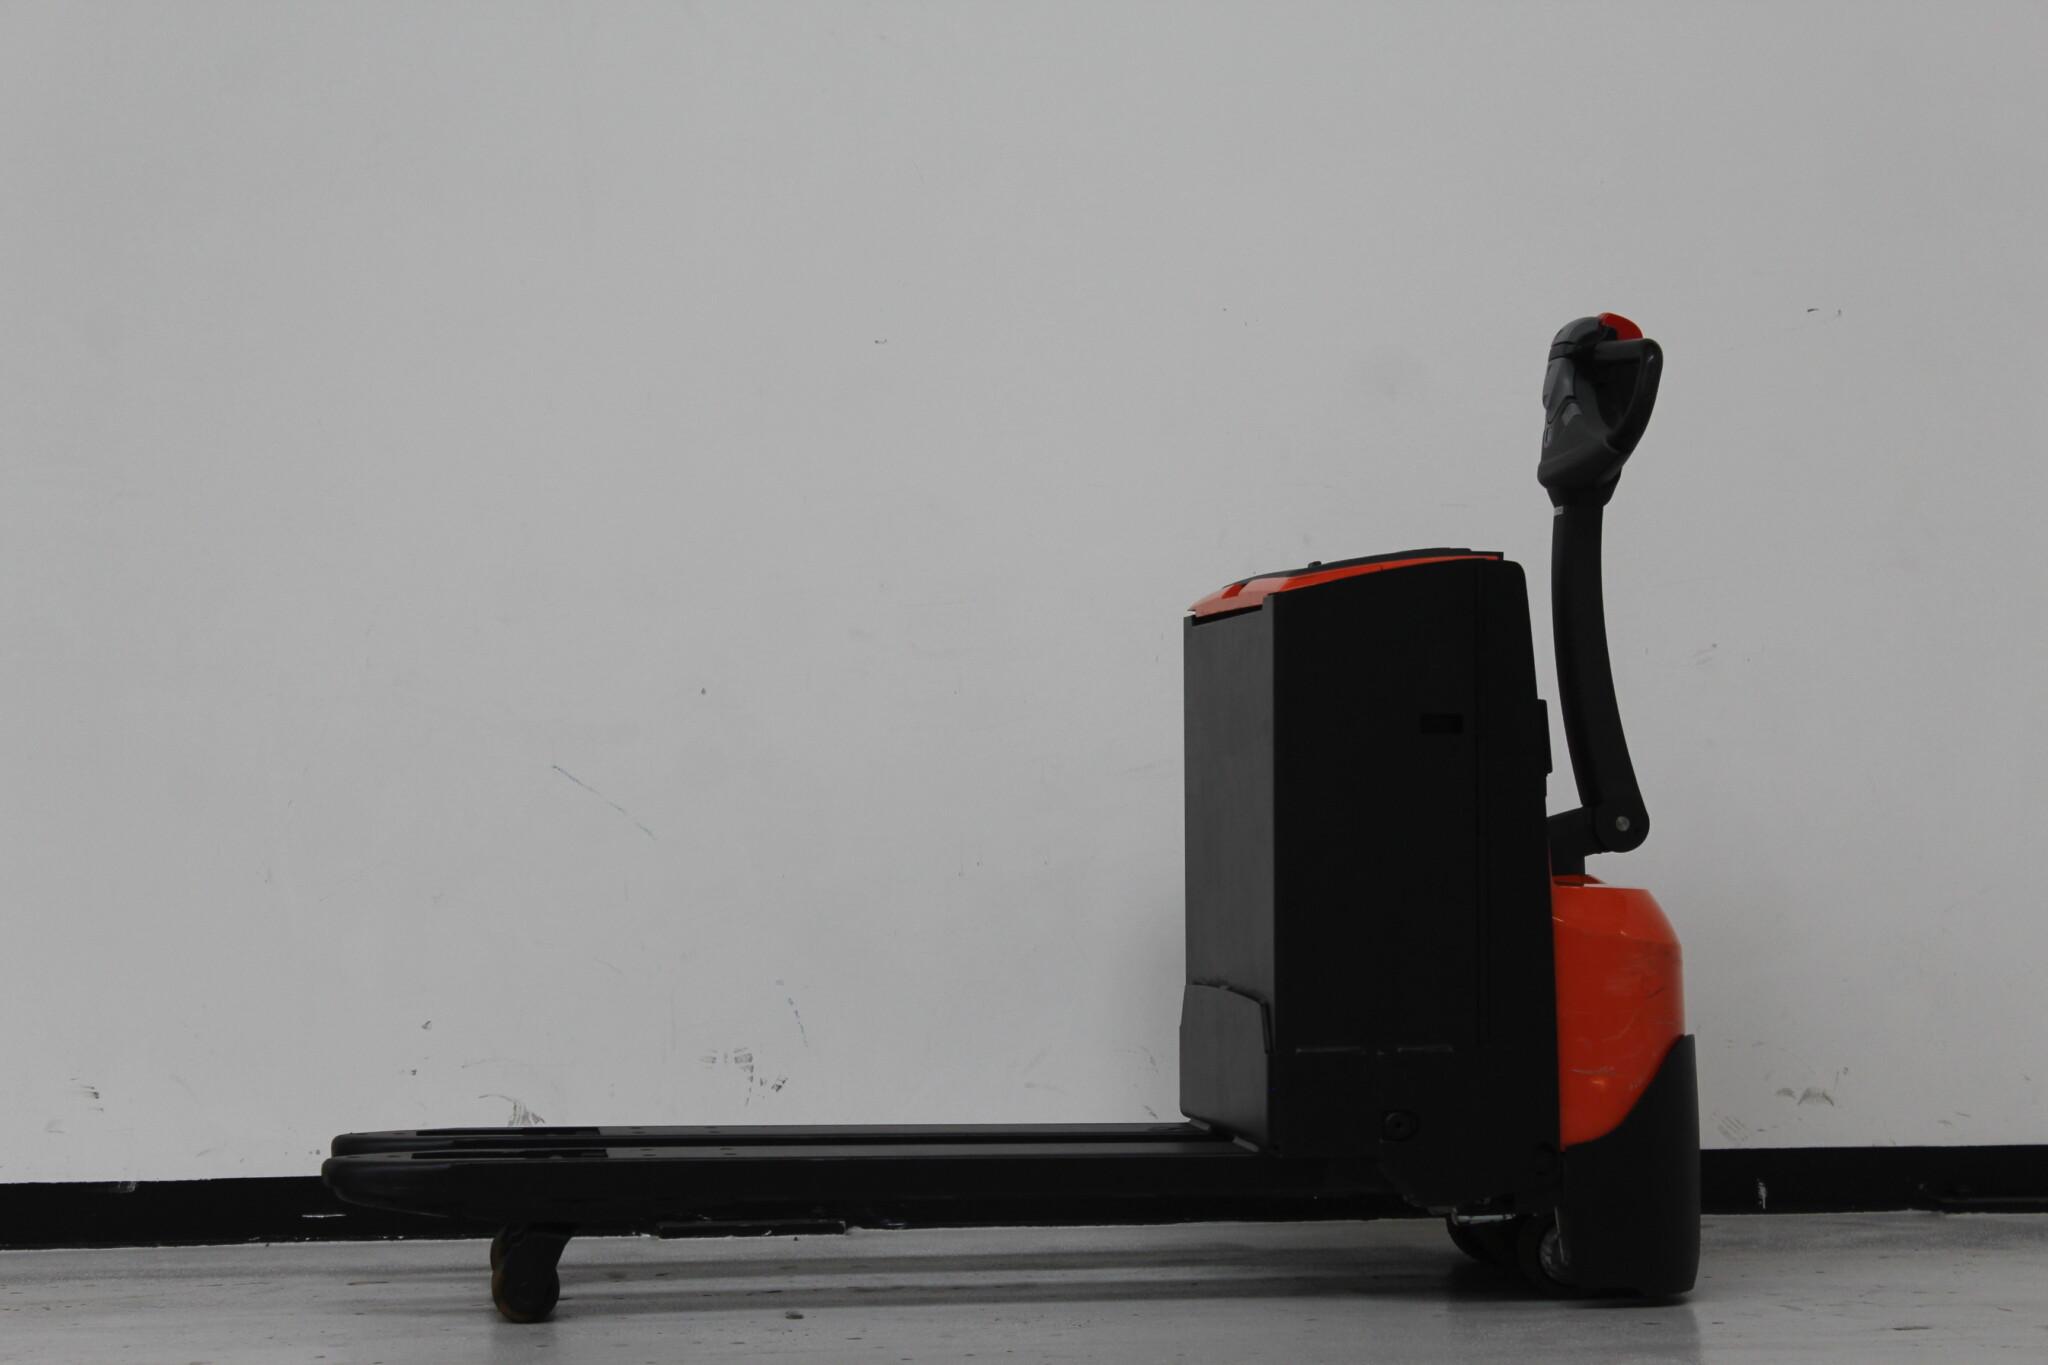 Toyota-Gabelstapler-59840 1611032097 1 scaled